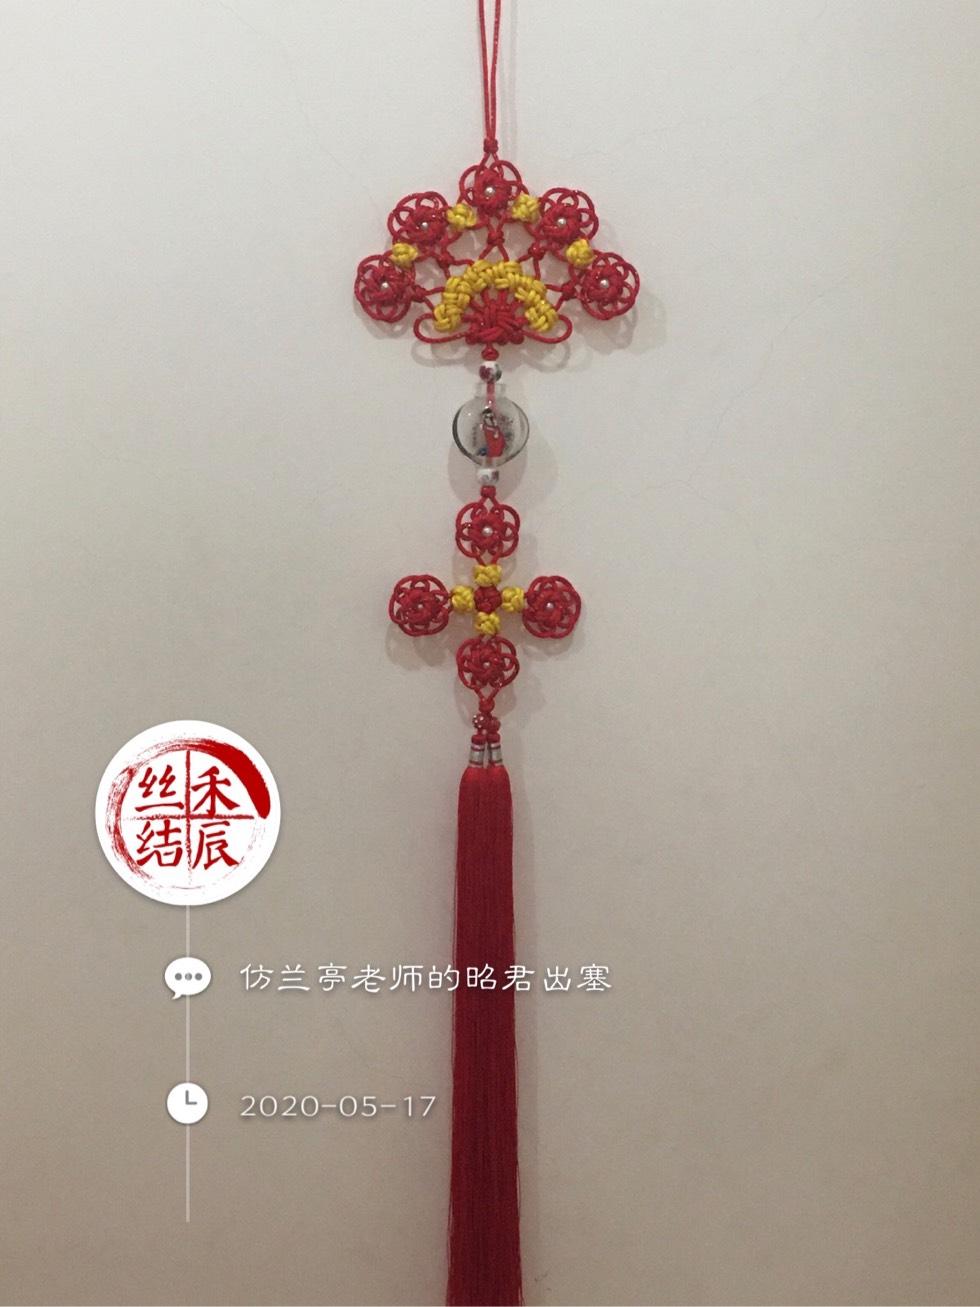 中国结论坛 仿兰亭老师的昭君出塞  作品展示 220351ug6y32fklb4ya5z2